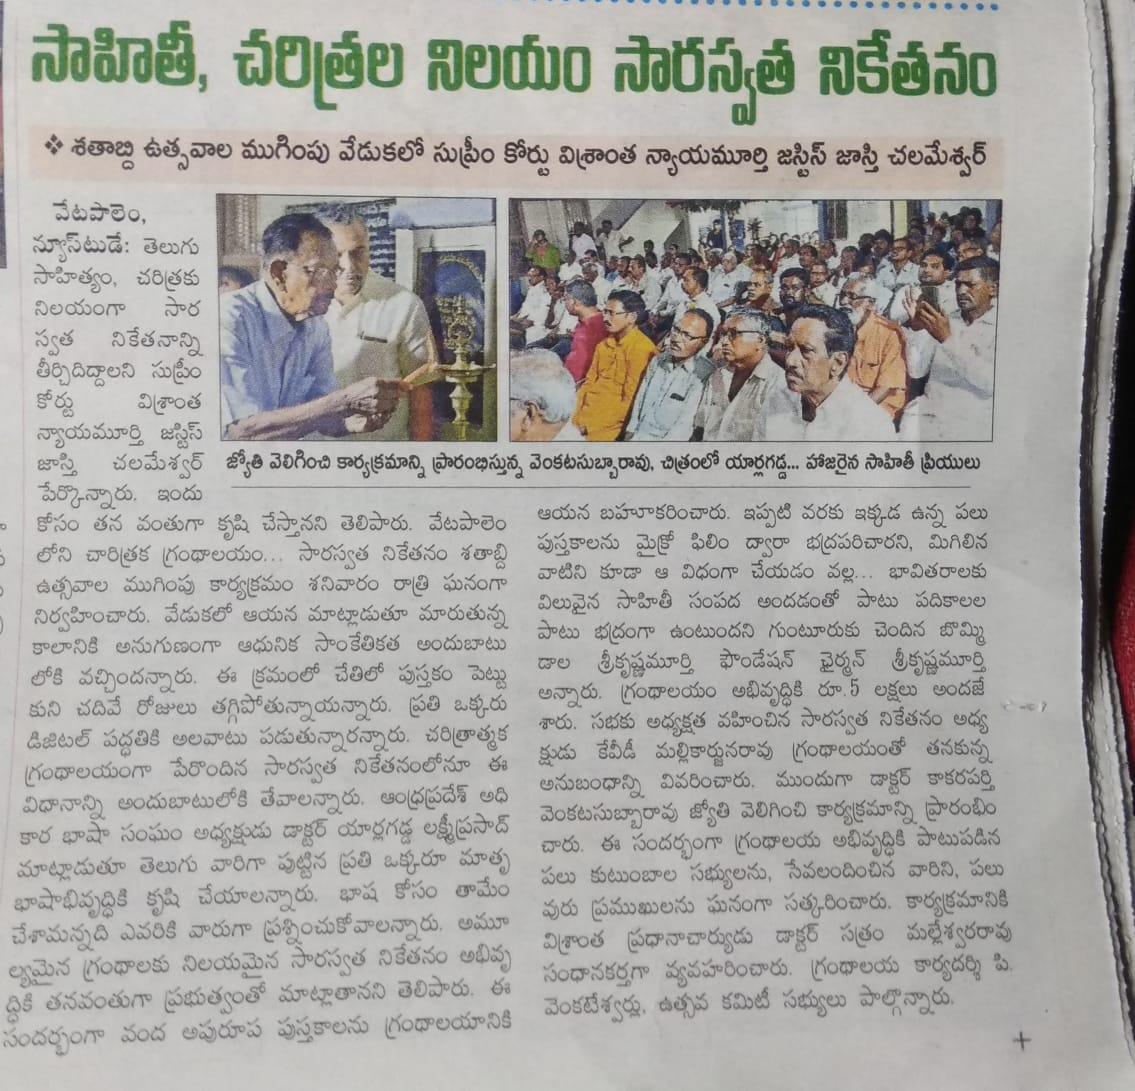 Eeenadu features Centenary celebrations of Saraswata Niketanam